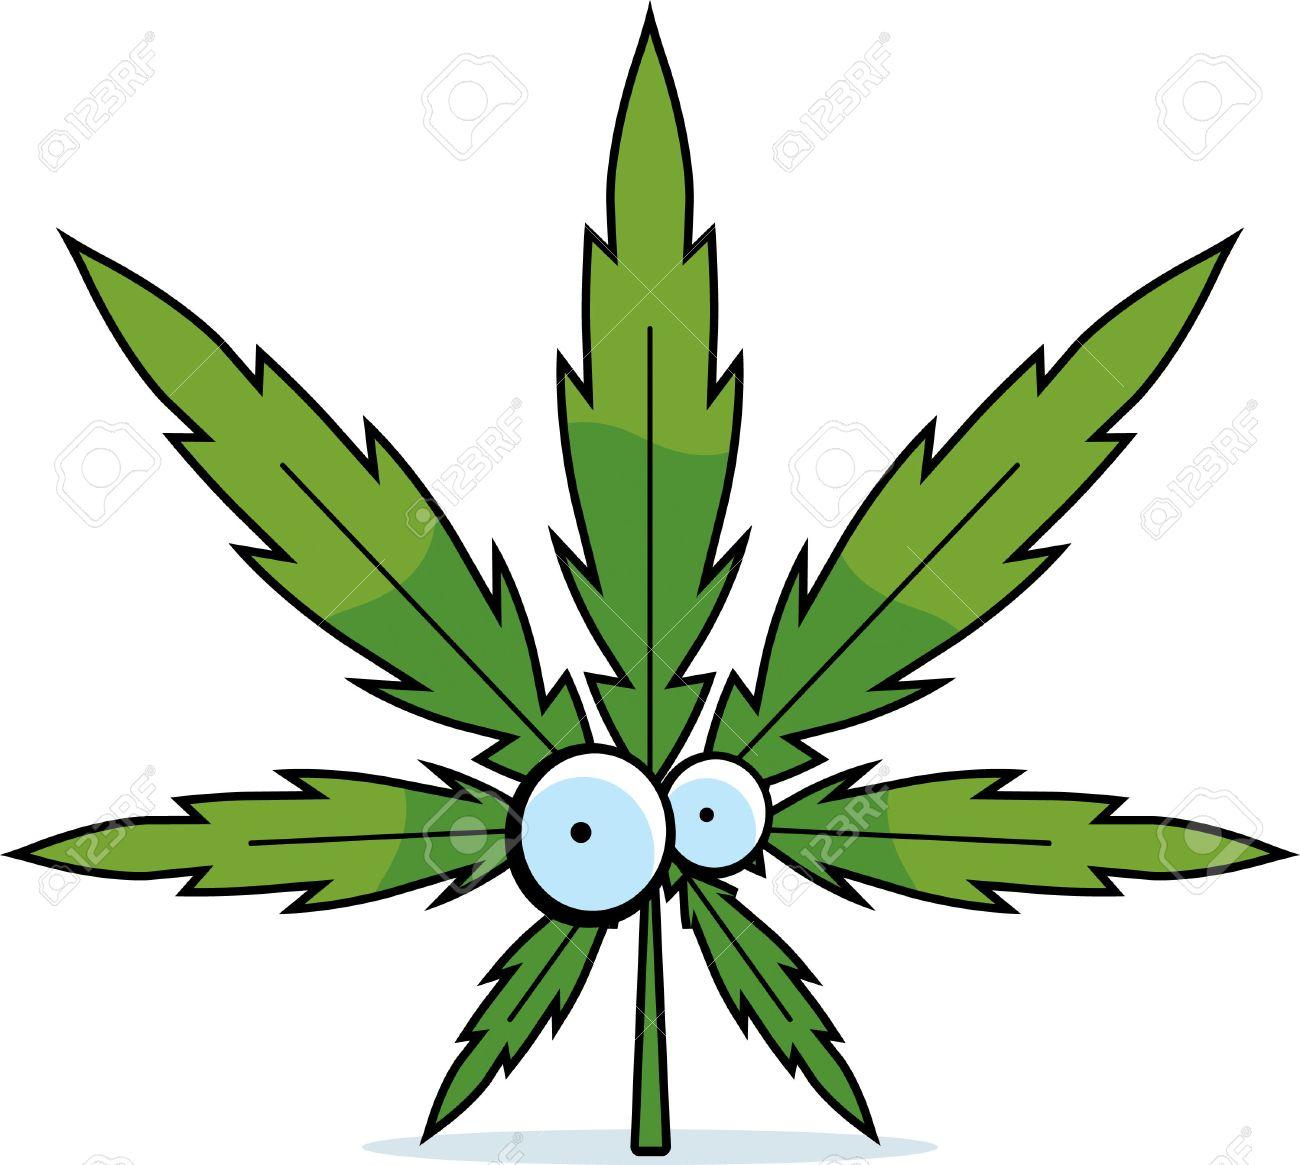 a green cartoon marijuana leaf with eyes royalty free cliparts rh 123rf com cartoon pot leaf tattoos Cartoon Pot Leaf Cute